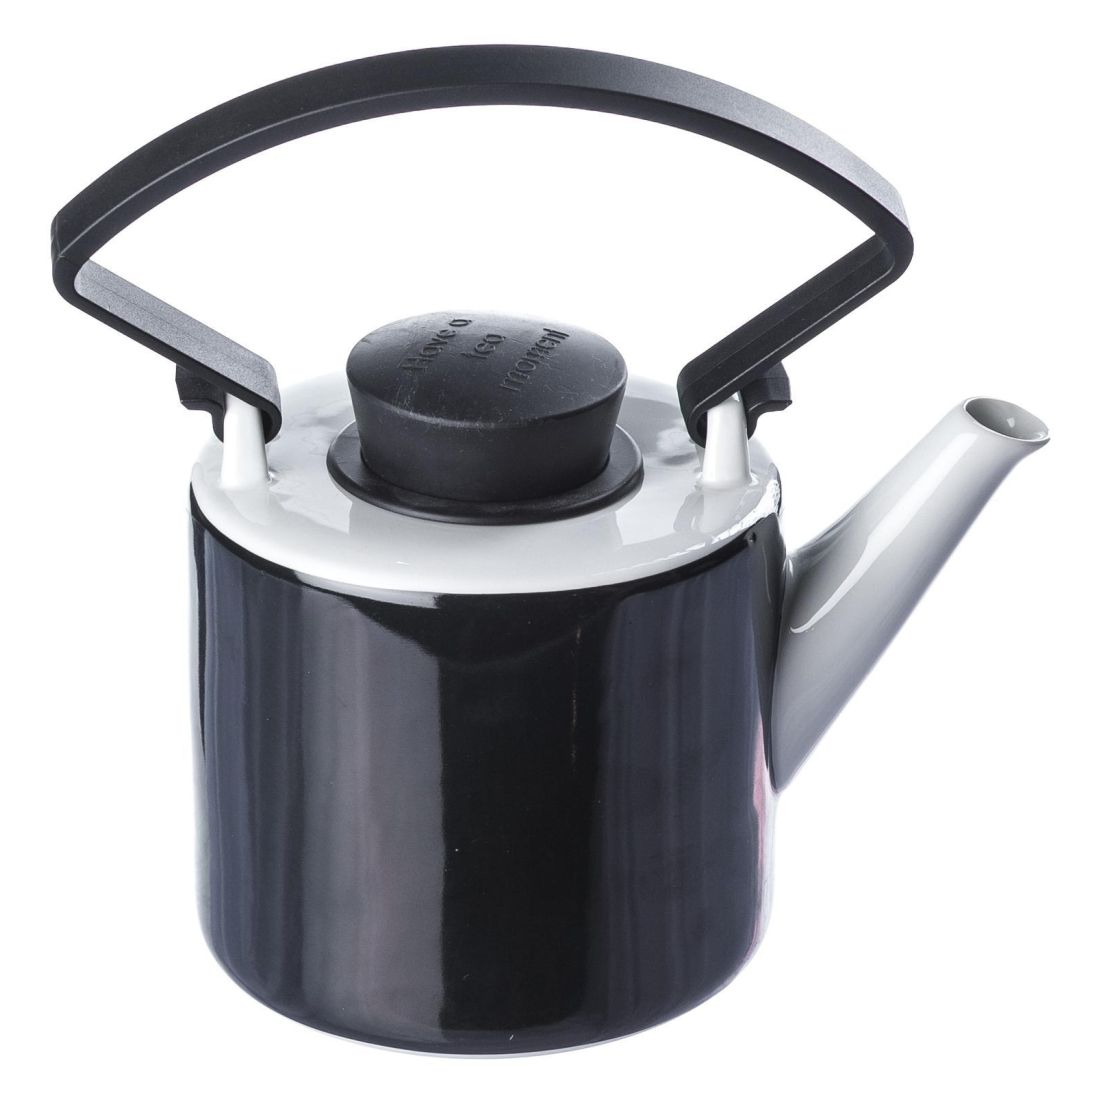 Teekanne Cylinder mit abnehmbarem Griff – Porzellan/Polypropylen – Schwarz, Qdo online bestellen